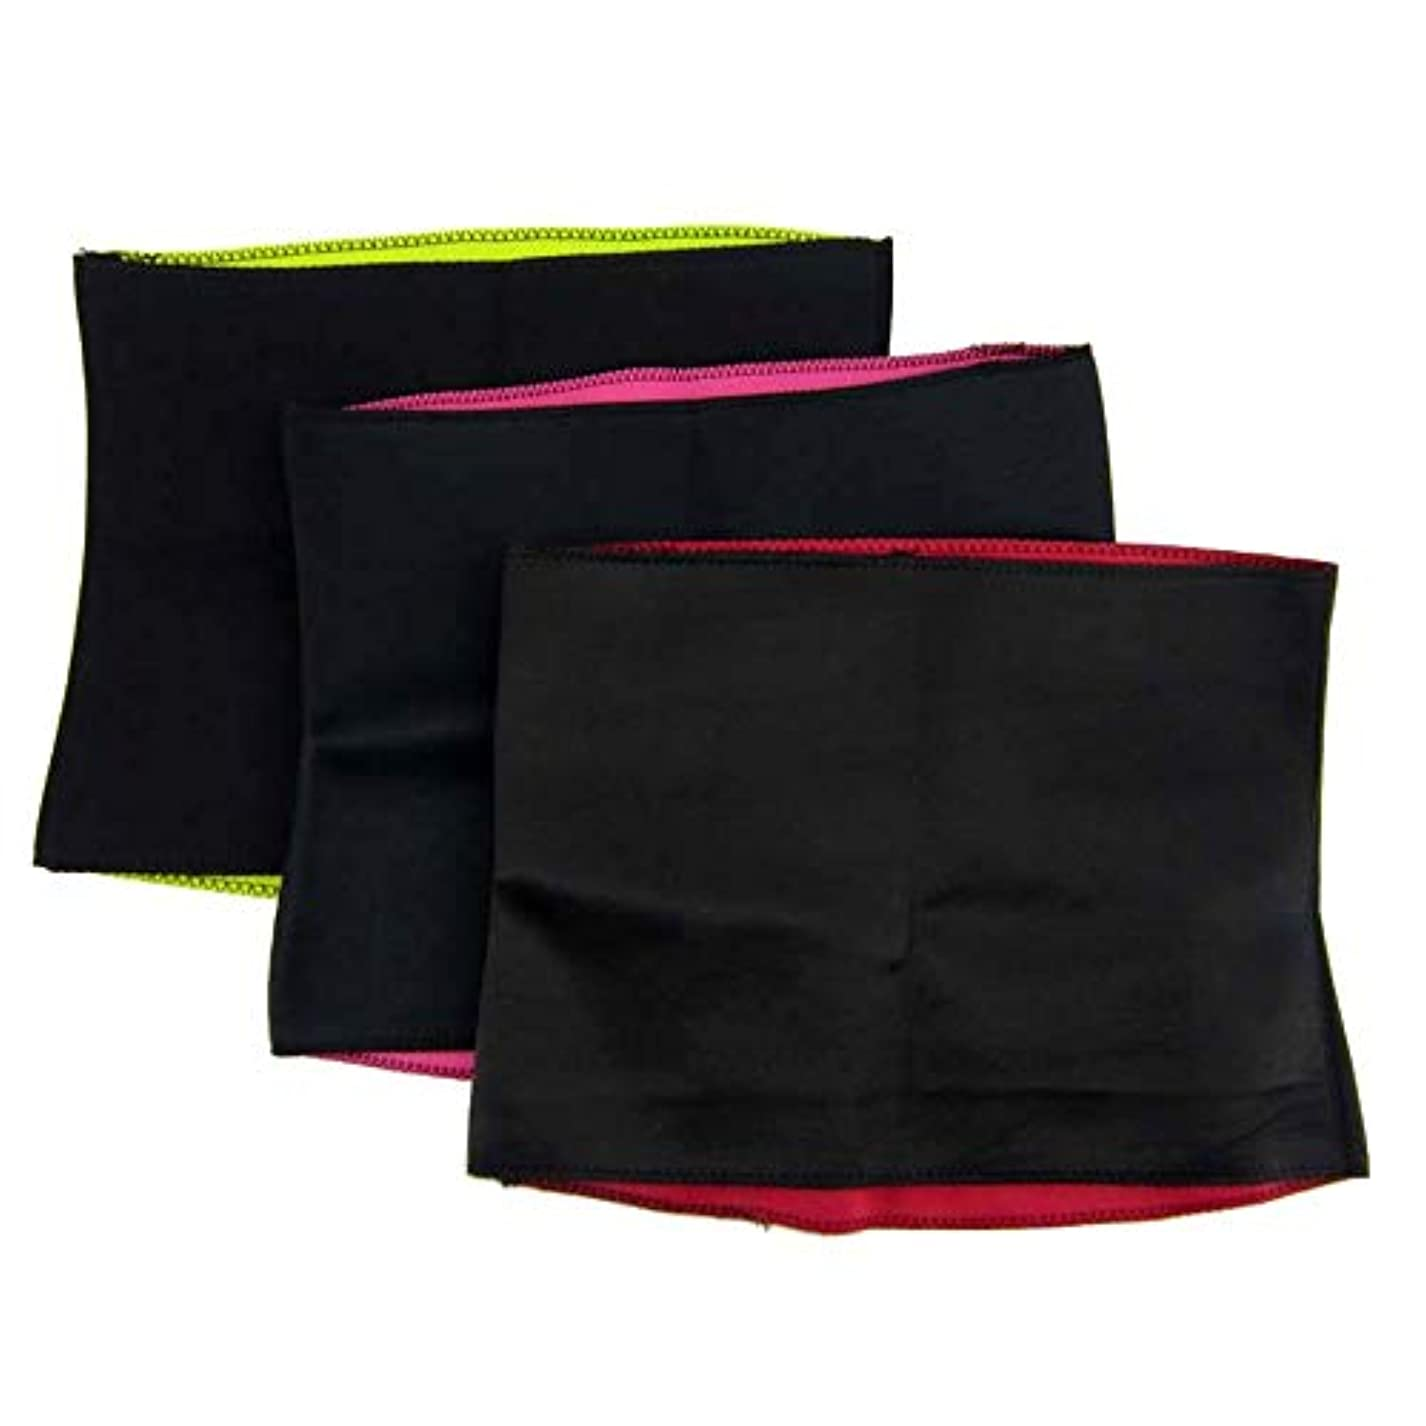 上院議員ティーム解説フィットネス保護ベルト ユニセックスベルト腹部ベルト整形ボディウエスト暖かいフィットネスベルト(3個) 日常に最適 (Size : XL)